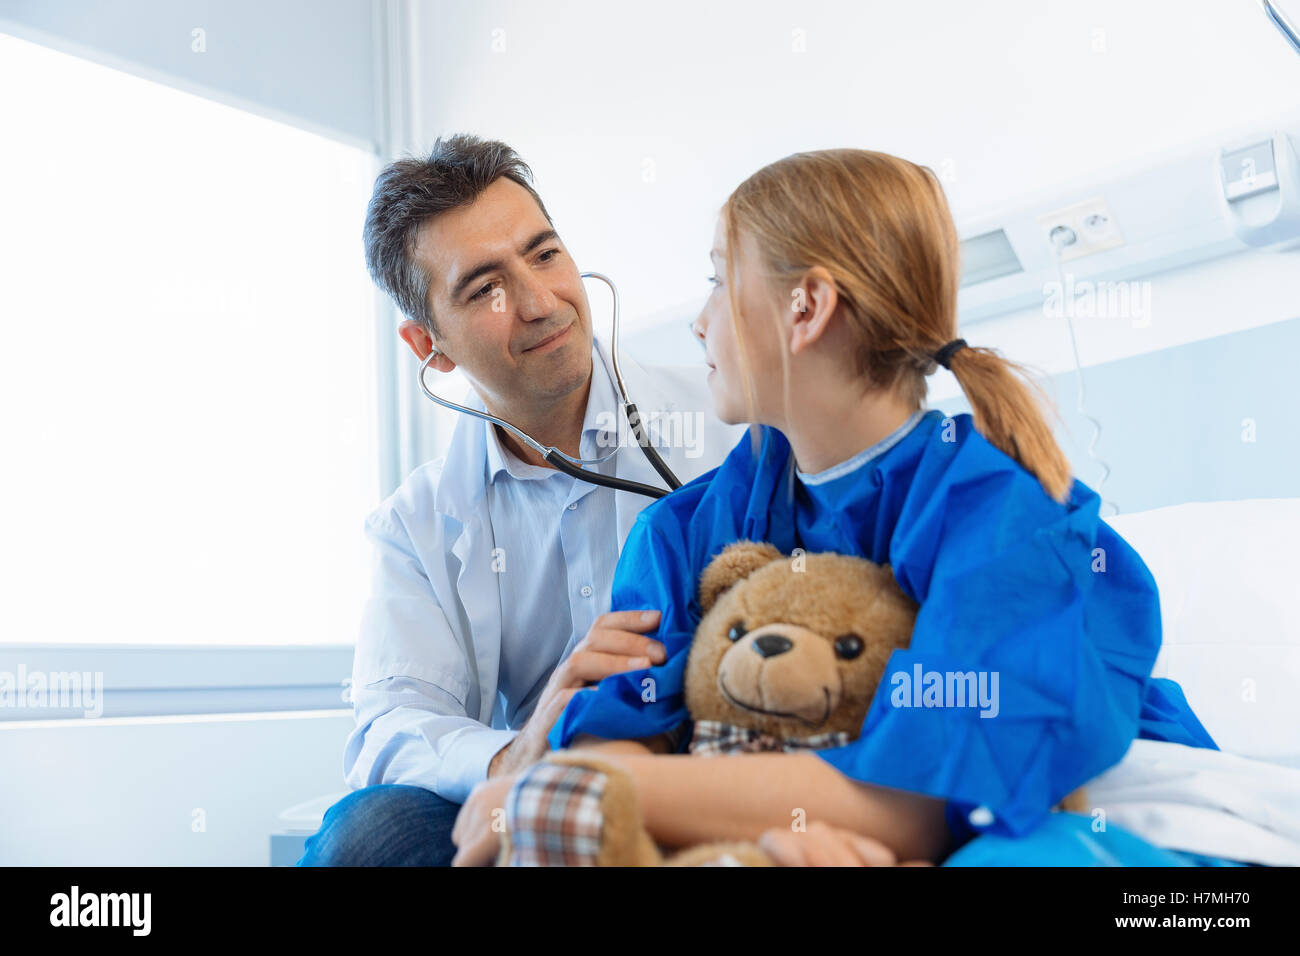 Arzt untersuchen Mädchen Patienten im Krankenhaus Stockbild